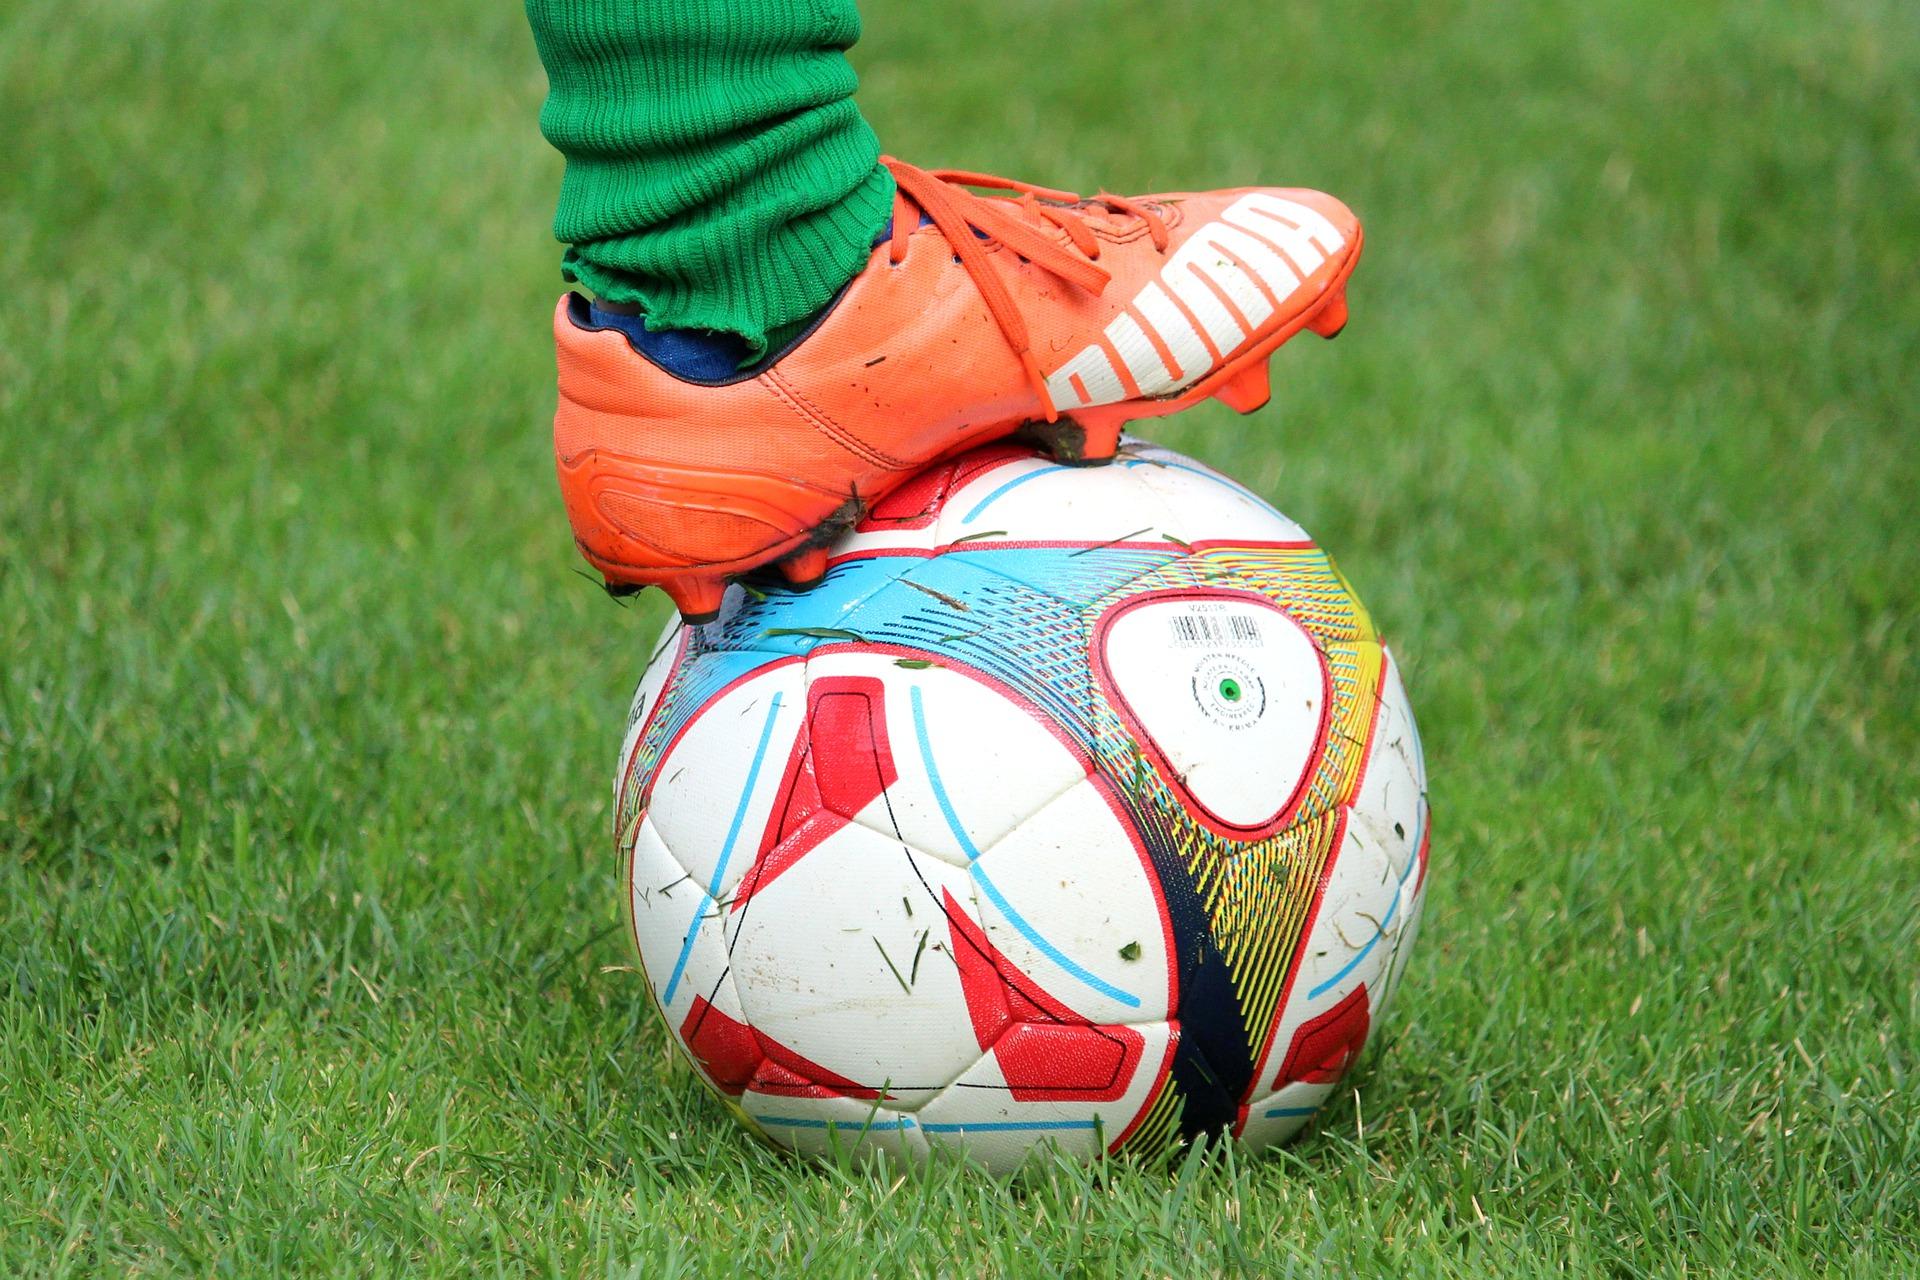 soccer-shoes-4459679_1920.jpg